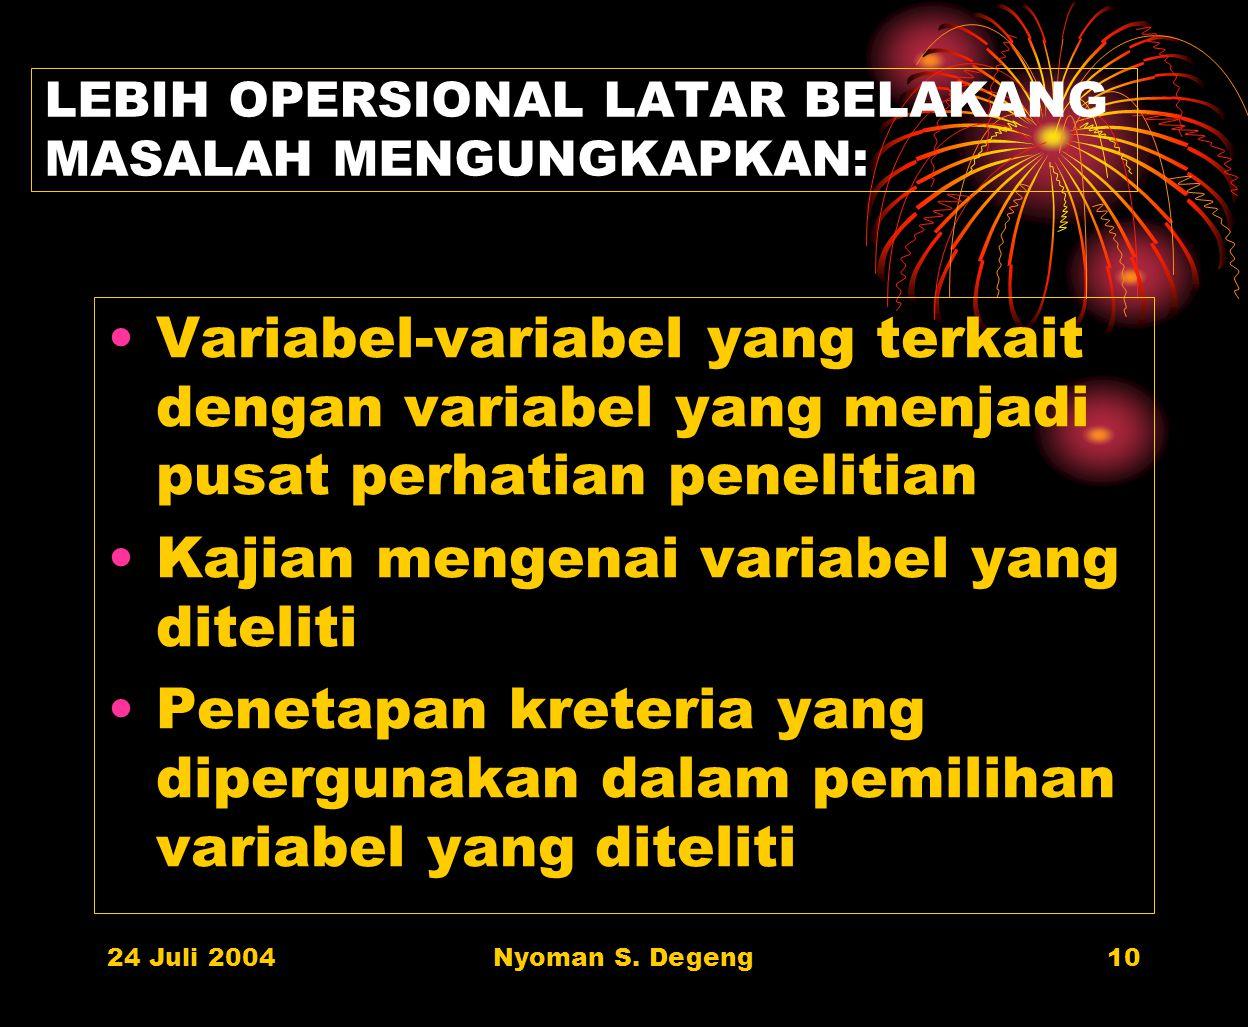 LEBIH OPERSIONAL LATAR BELAKANG MASALAH MENGUNGKAPKAN: